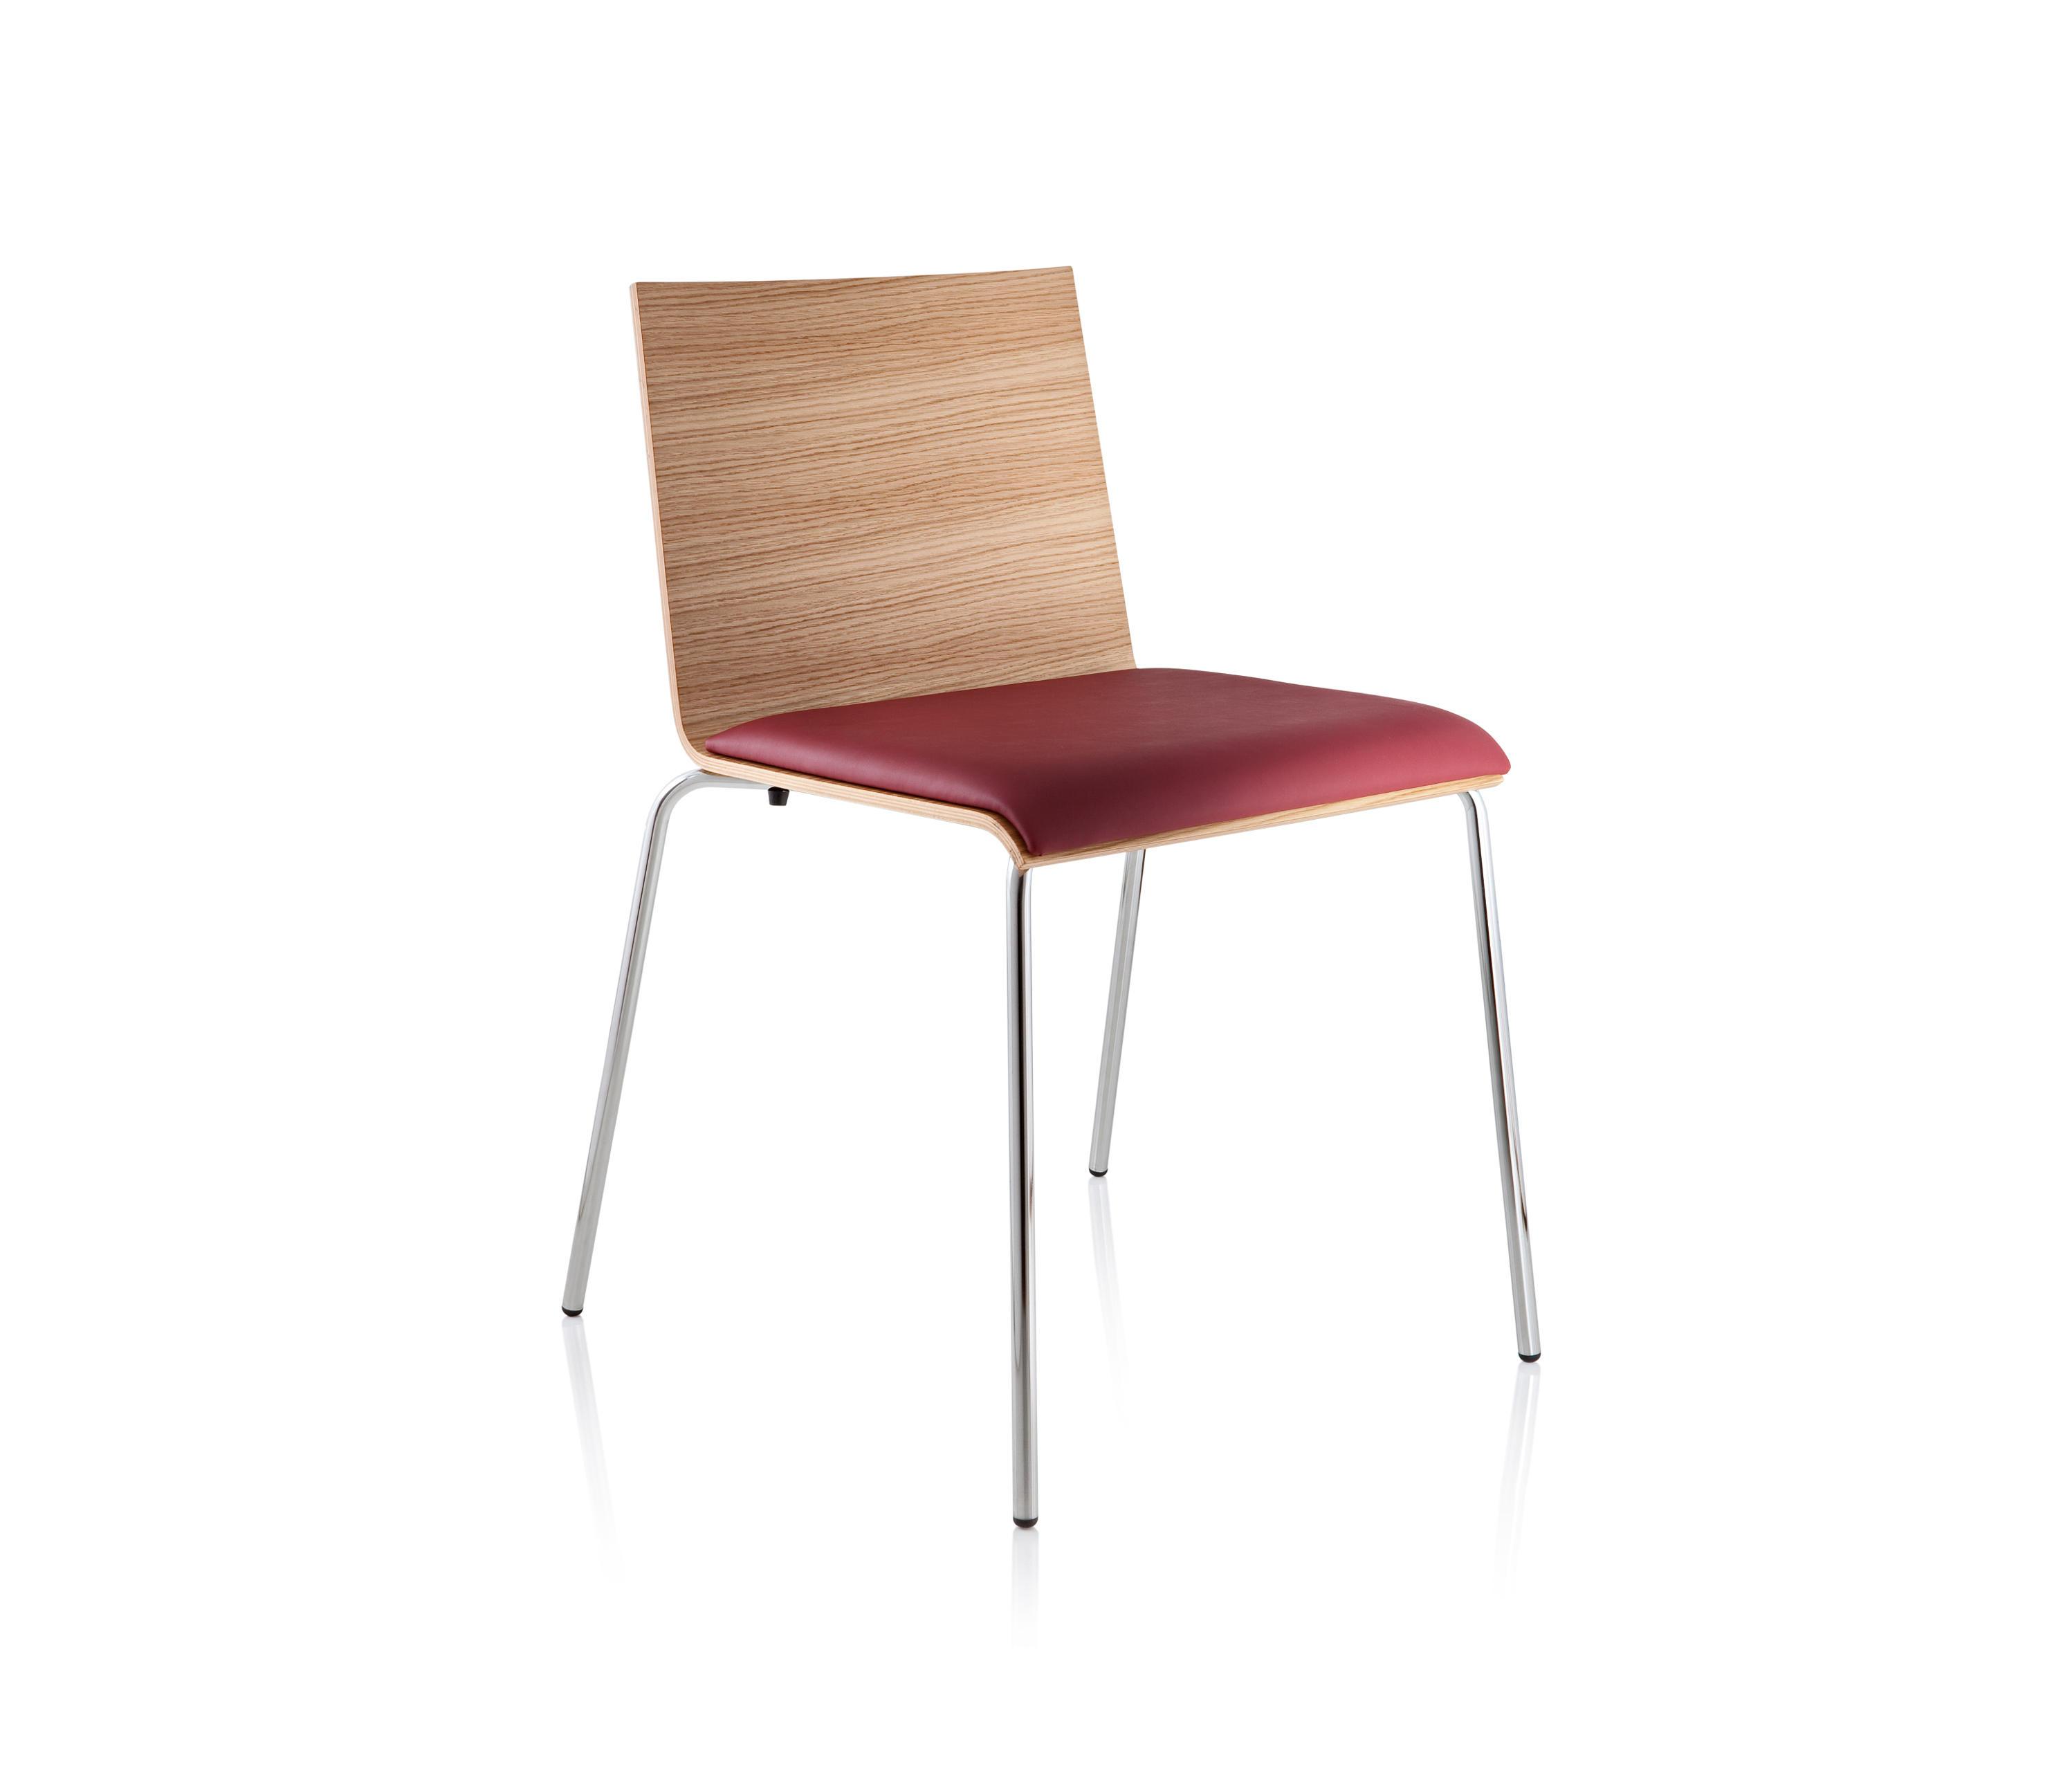 Casablanca stuhl restaurantst hle von alma design for Stuhl design italien